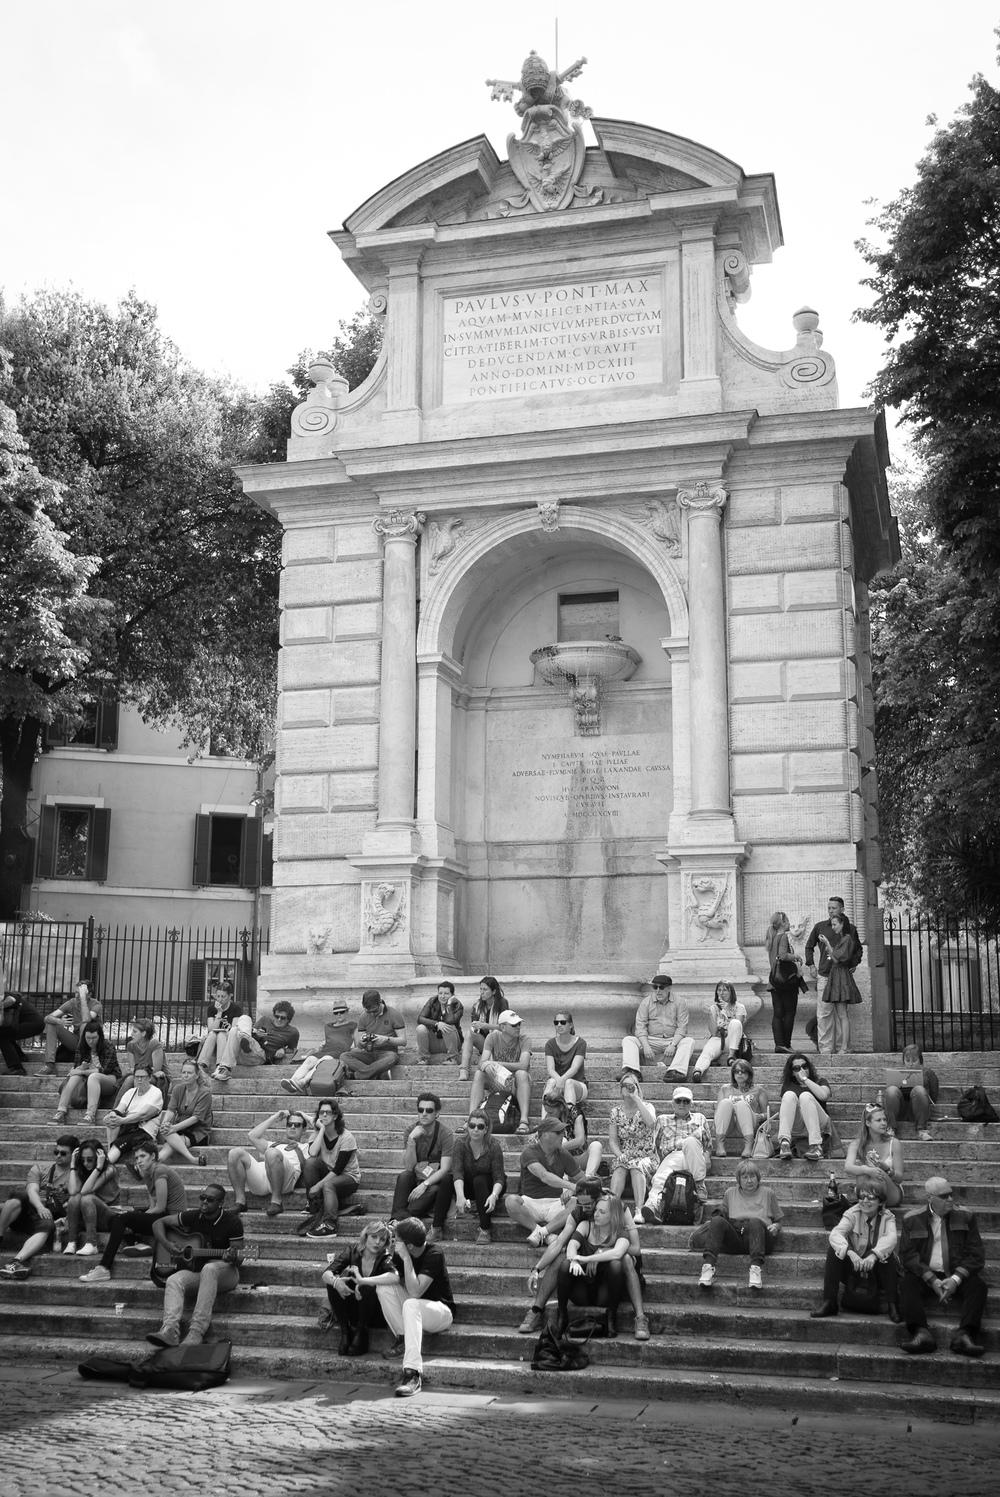 20150503 - Rome (1500) -100.jpg